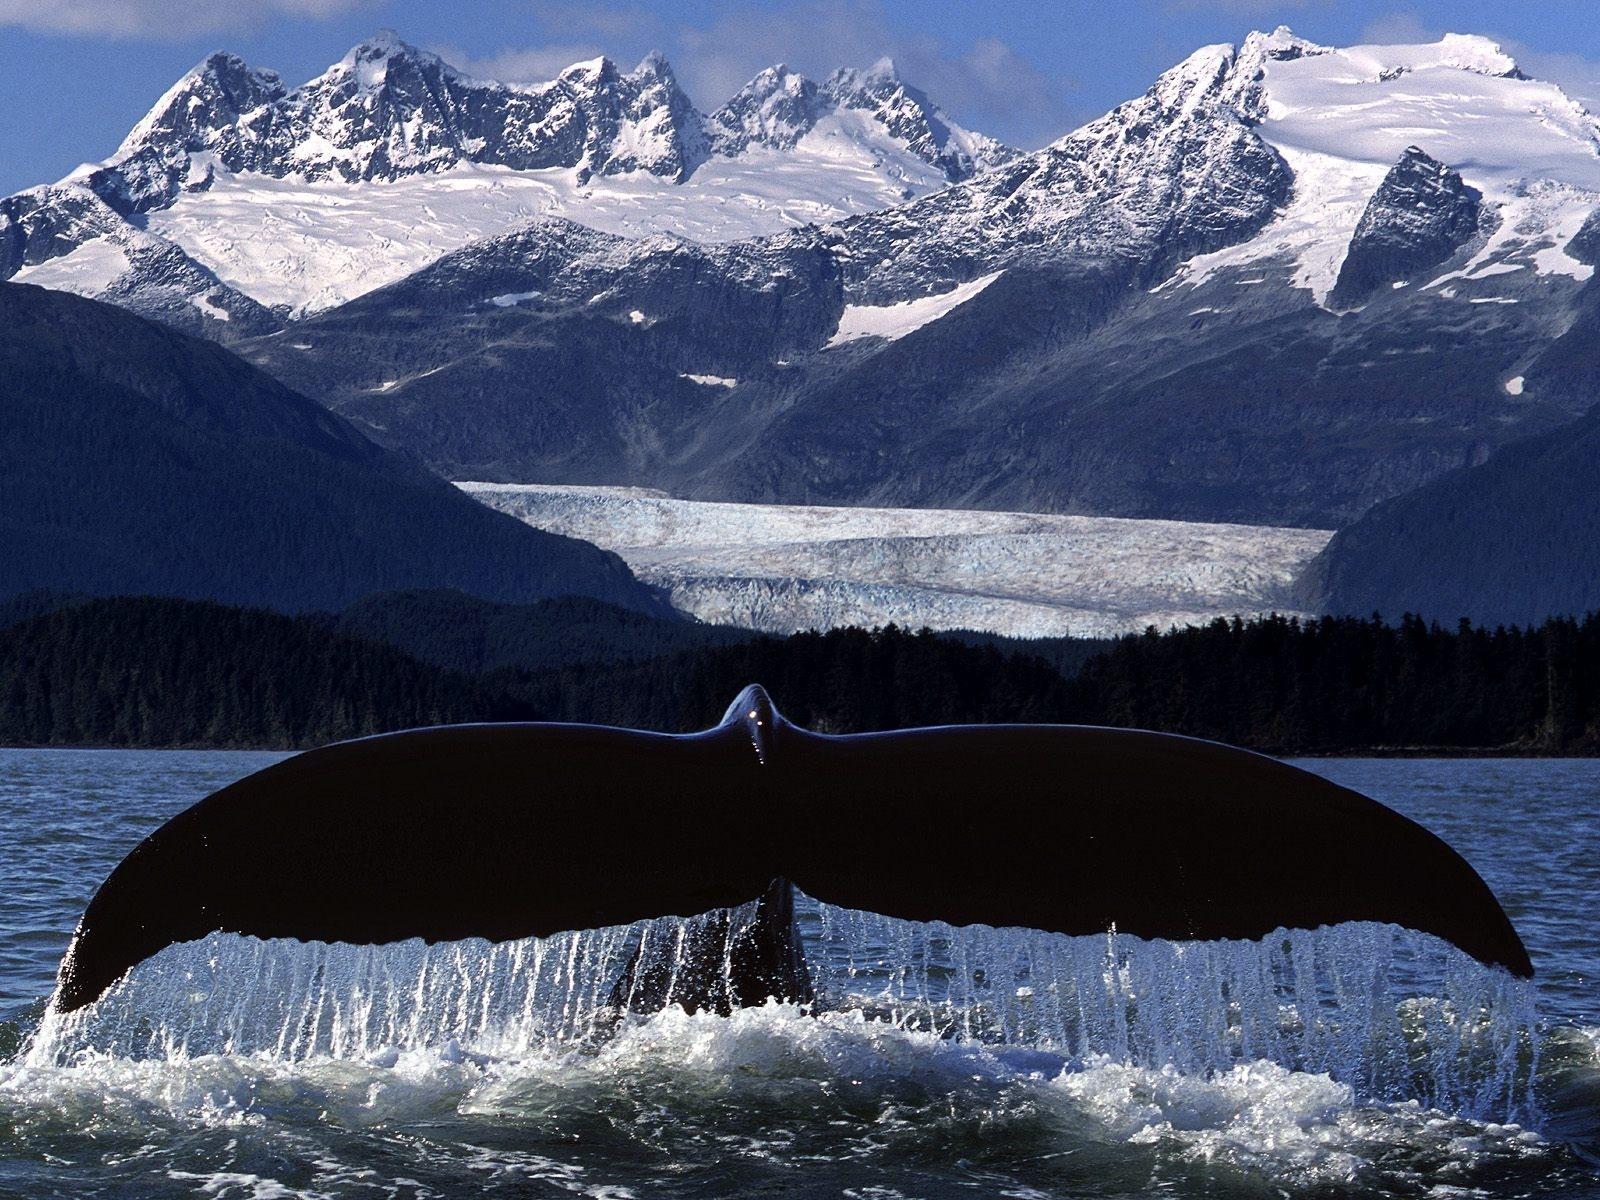 Whale Tail desktop wallpaper 1600x1200